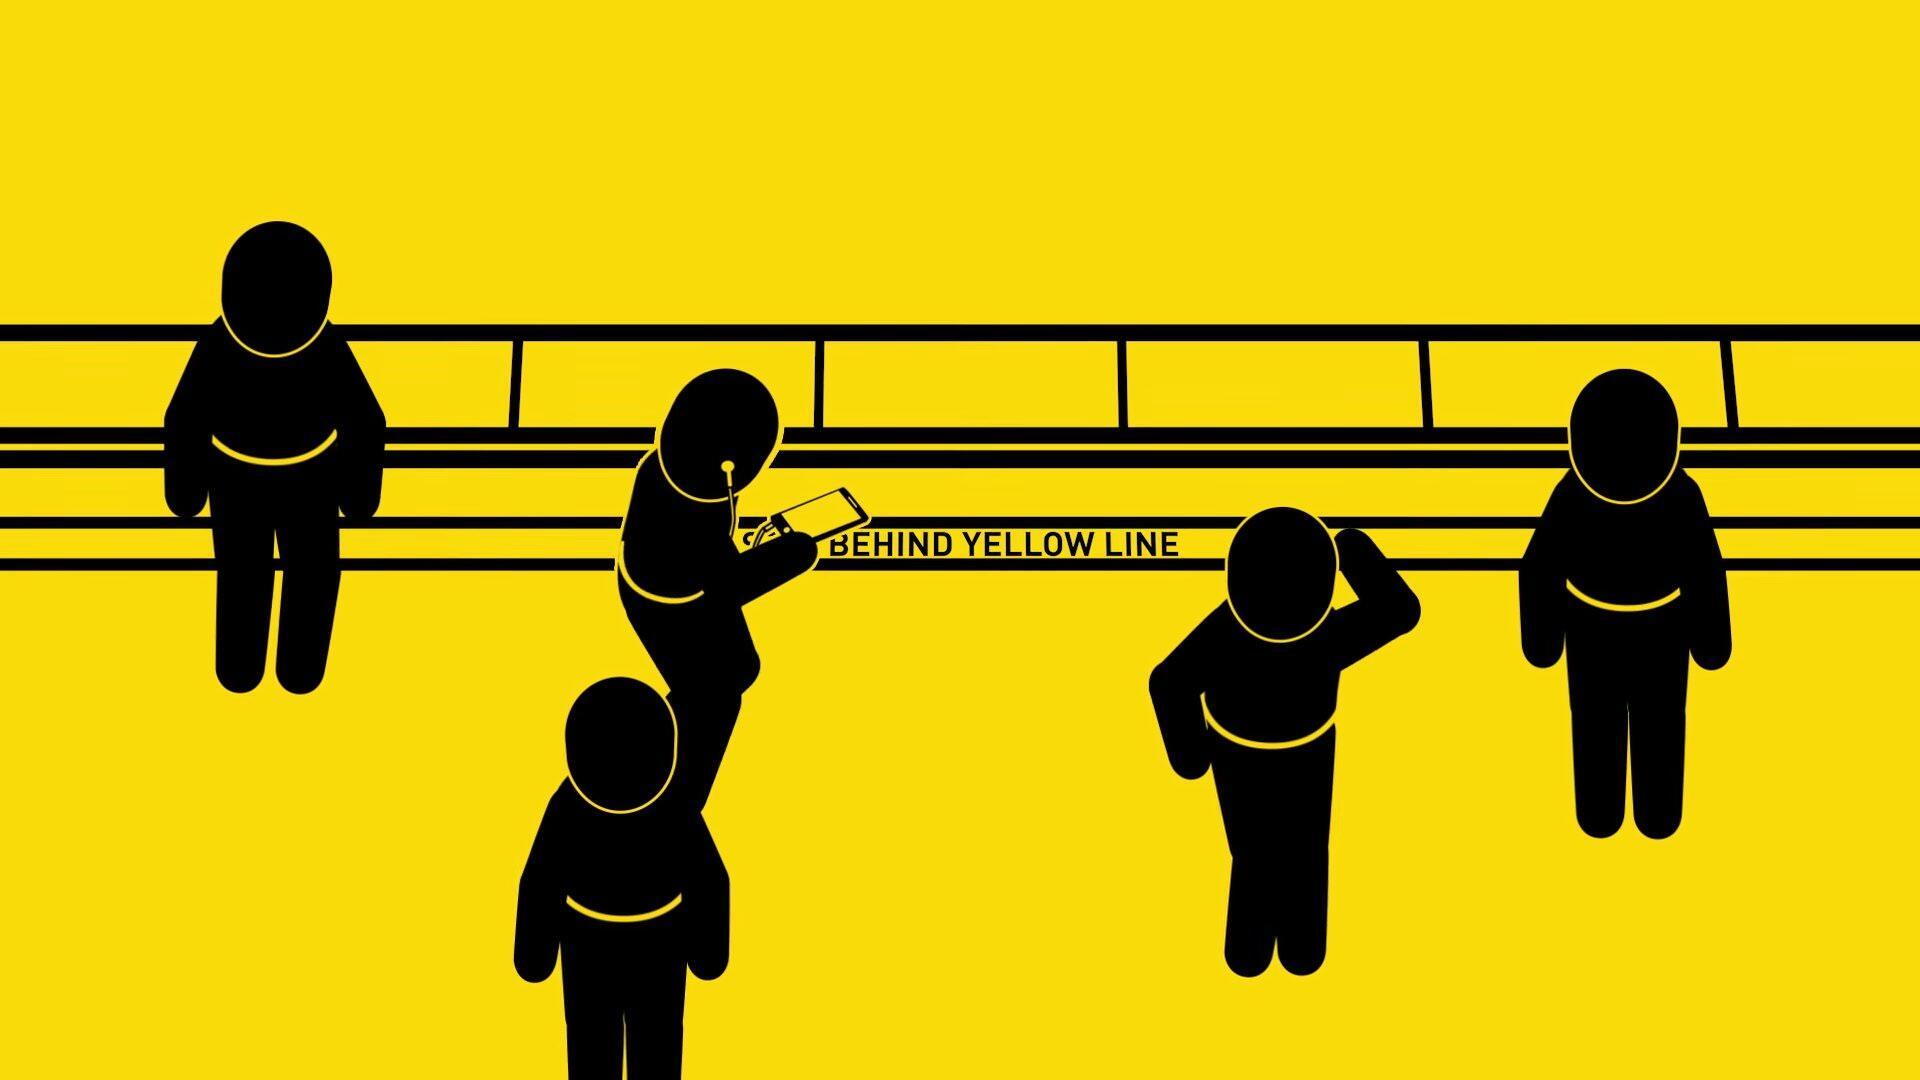 電車関連で守らないと死んじゃうこと Safety begins with you